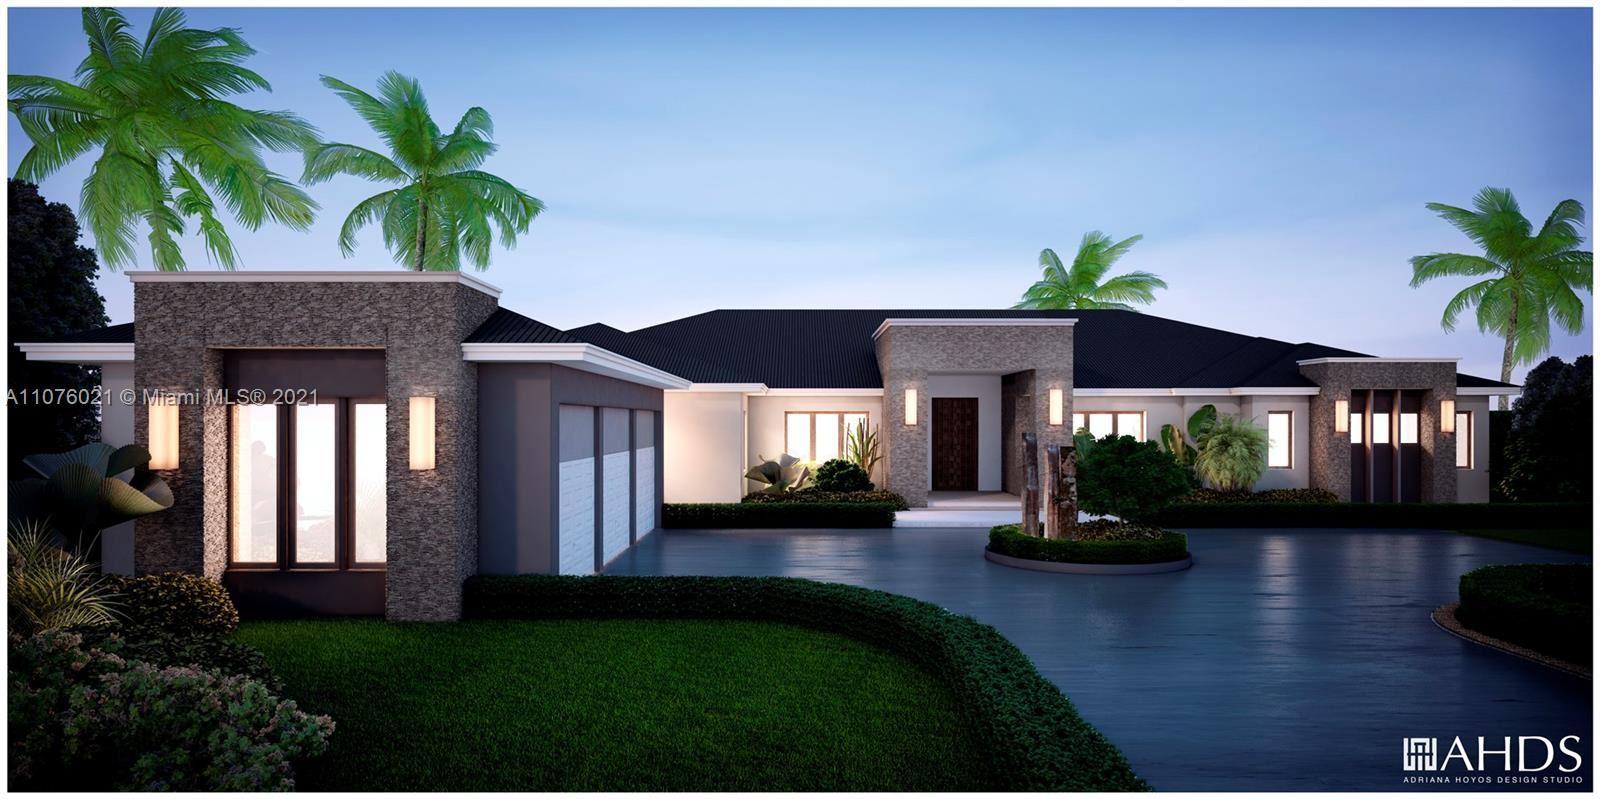 10010 SW 60th St, Miami, FL 33173 - #: A11076021